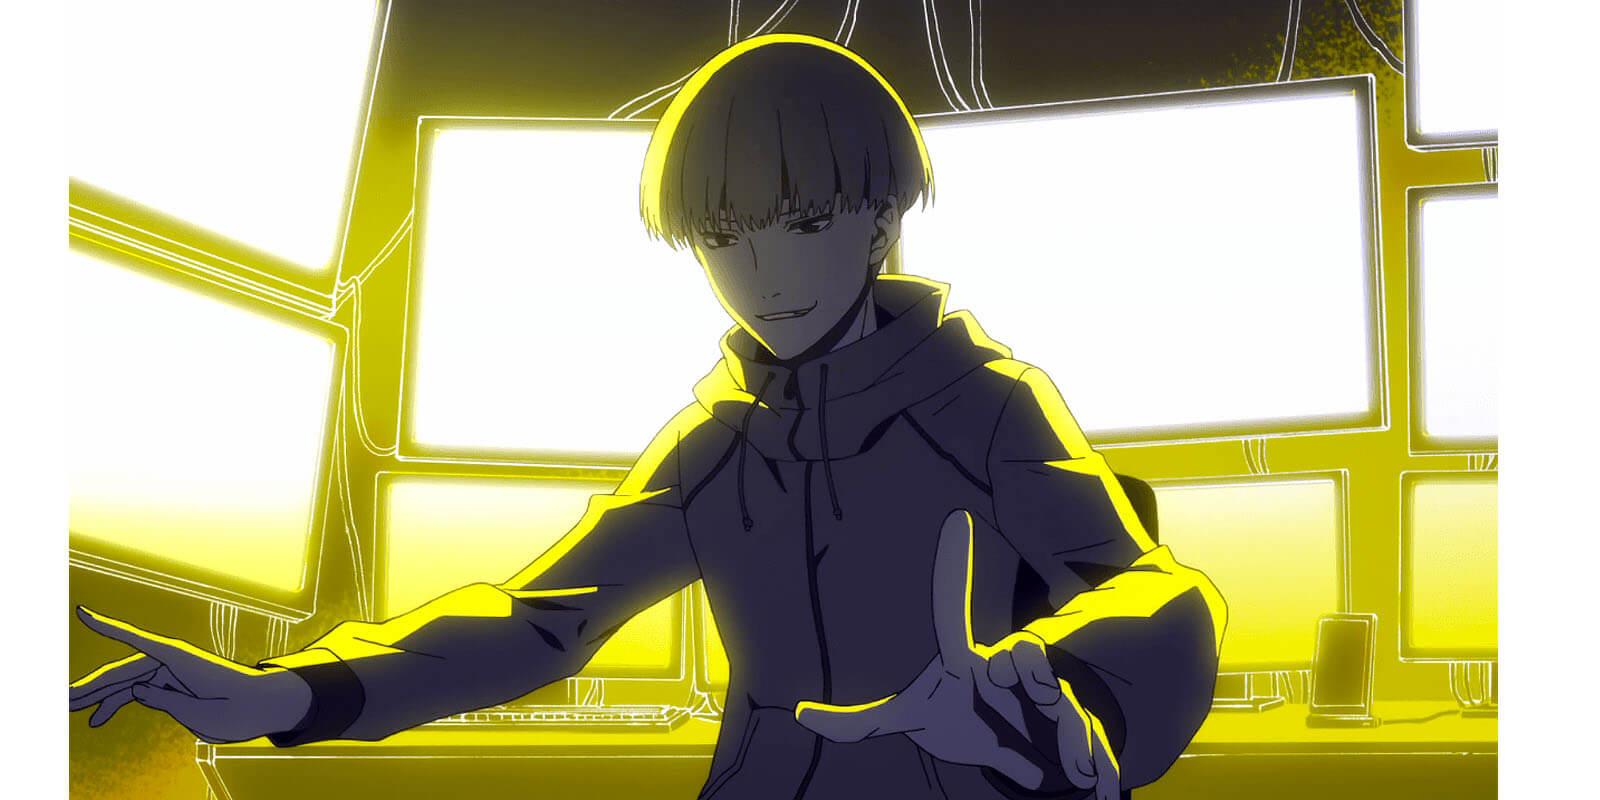 Enokida, the hacker.